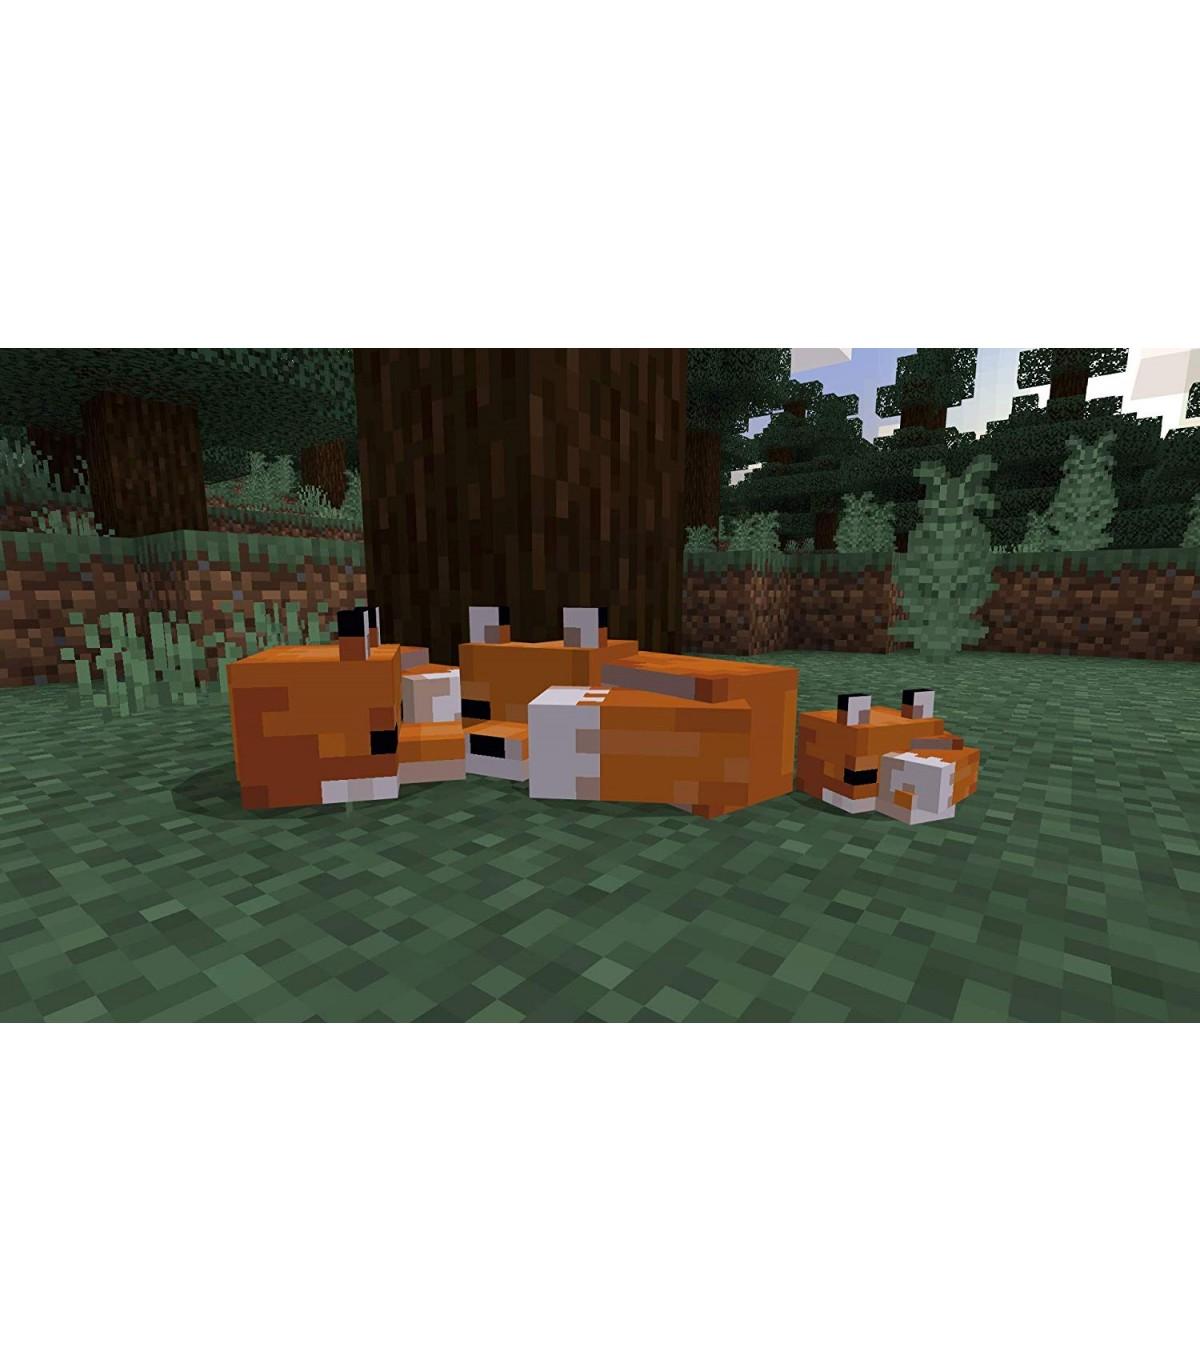 بازی Minecraft Bedrock Edition کارکرده - پلی استیشن 4